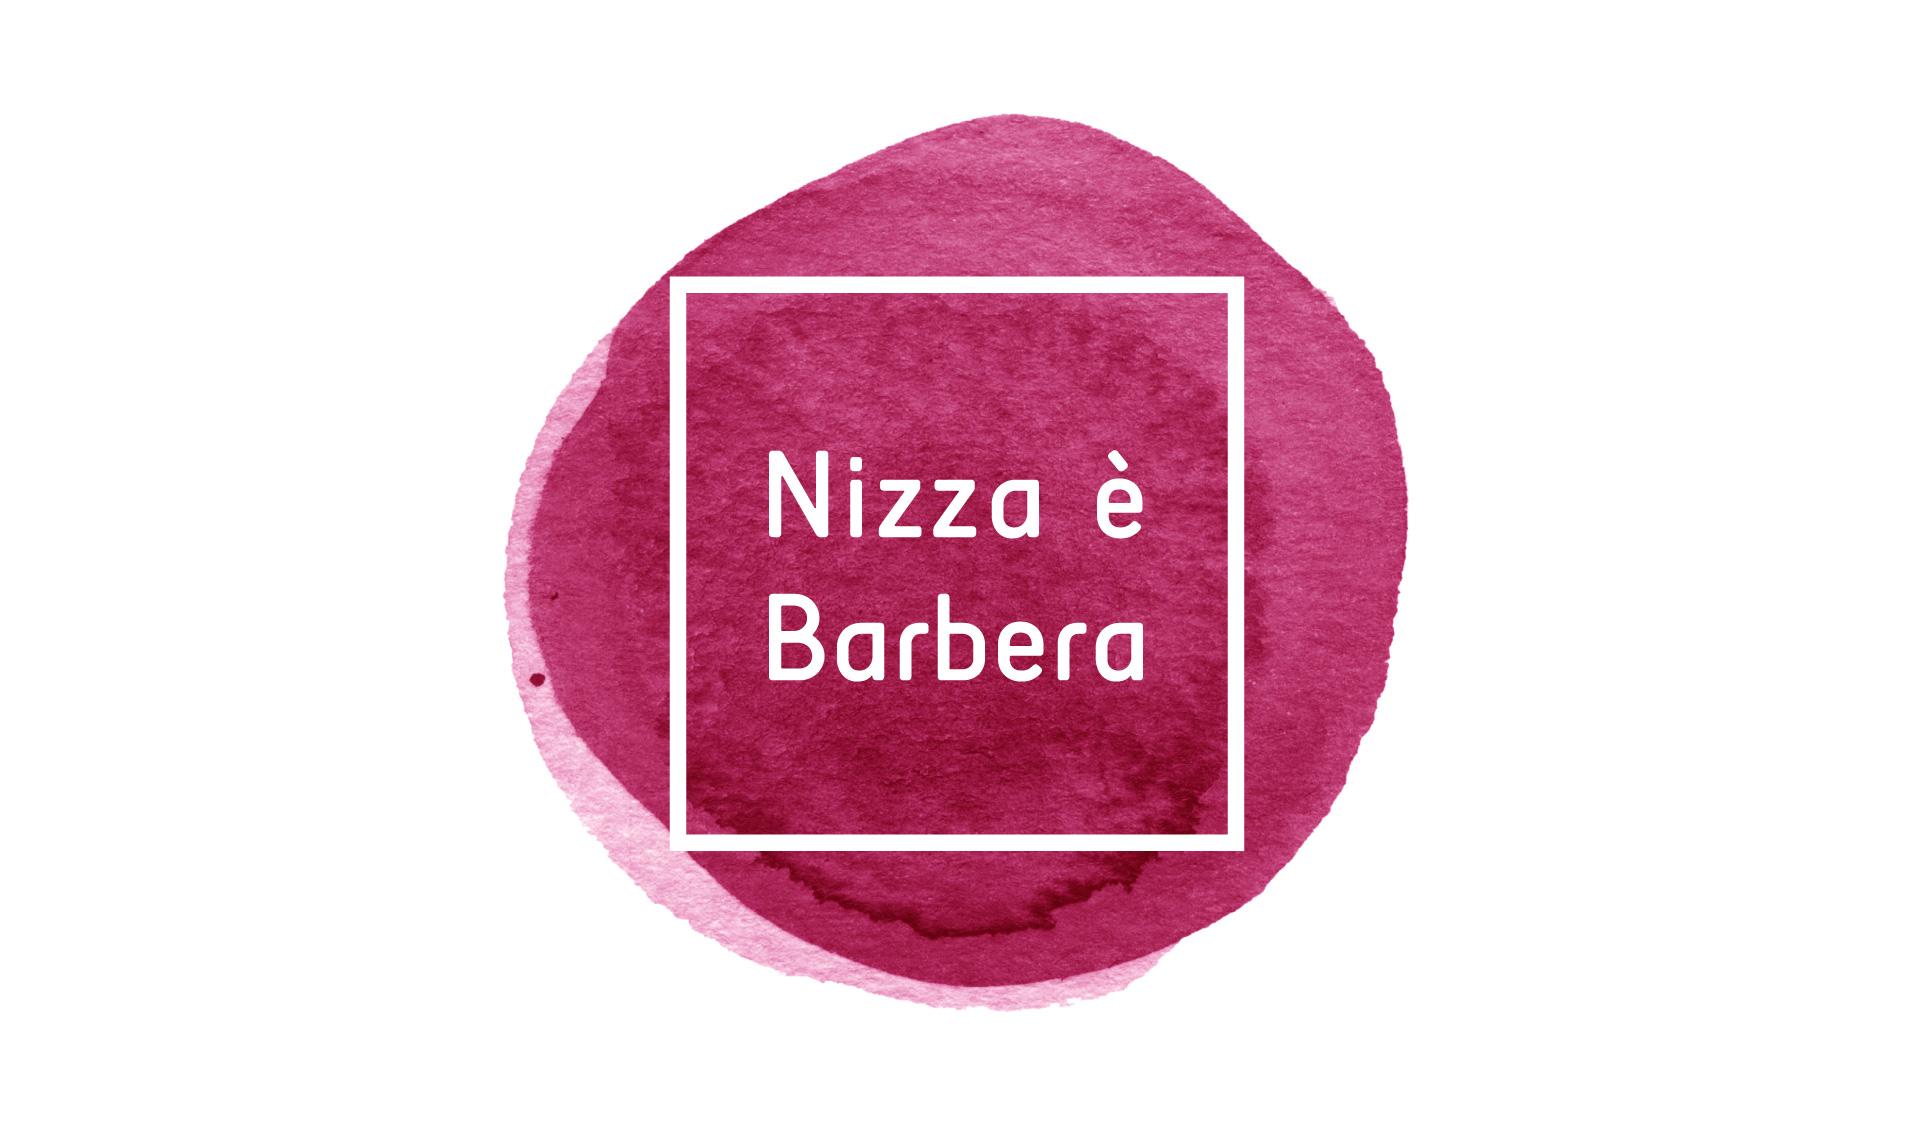 ENOTECANIZZA-nizza-e-barbera-logo